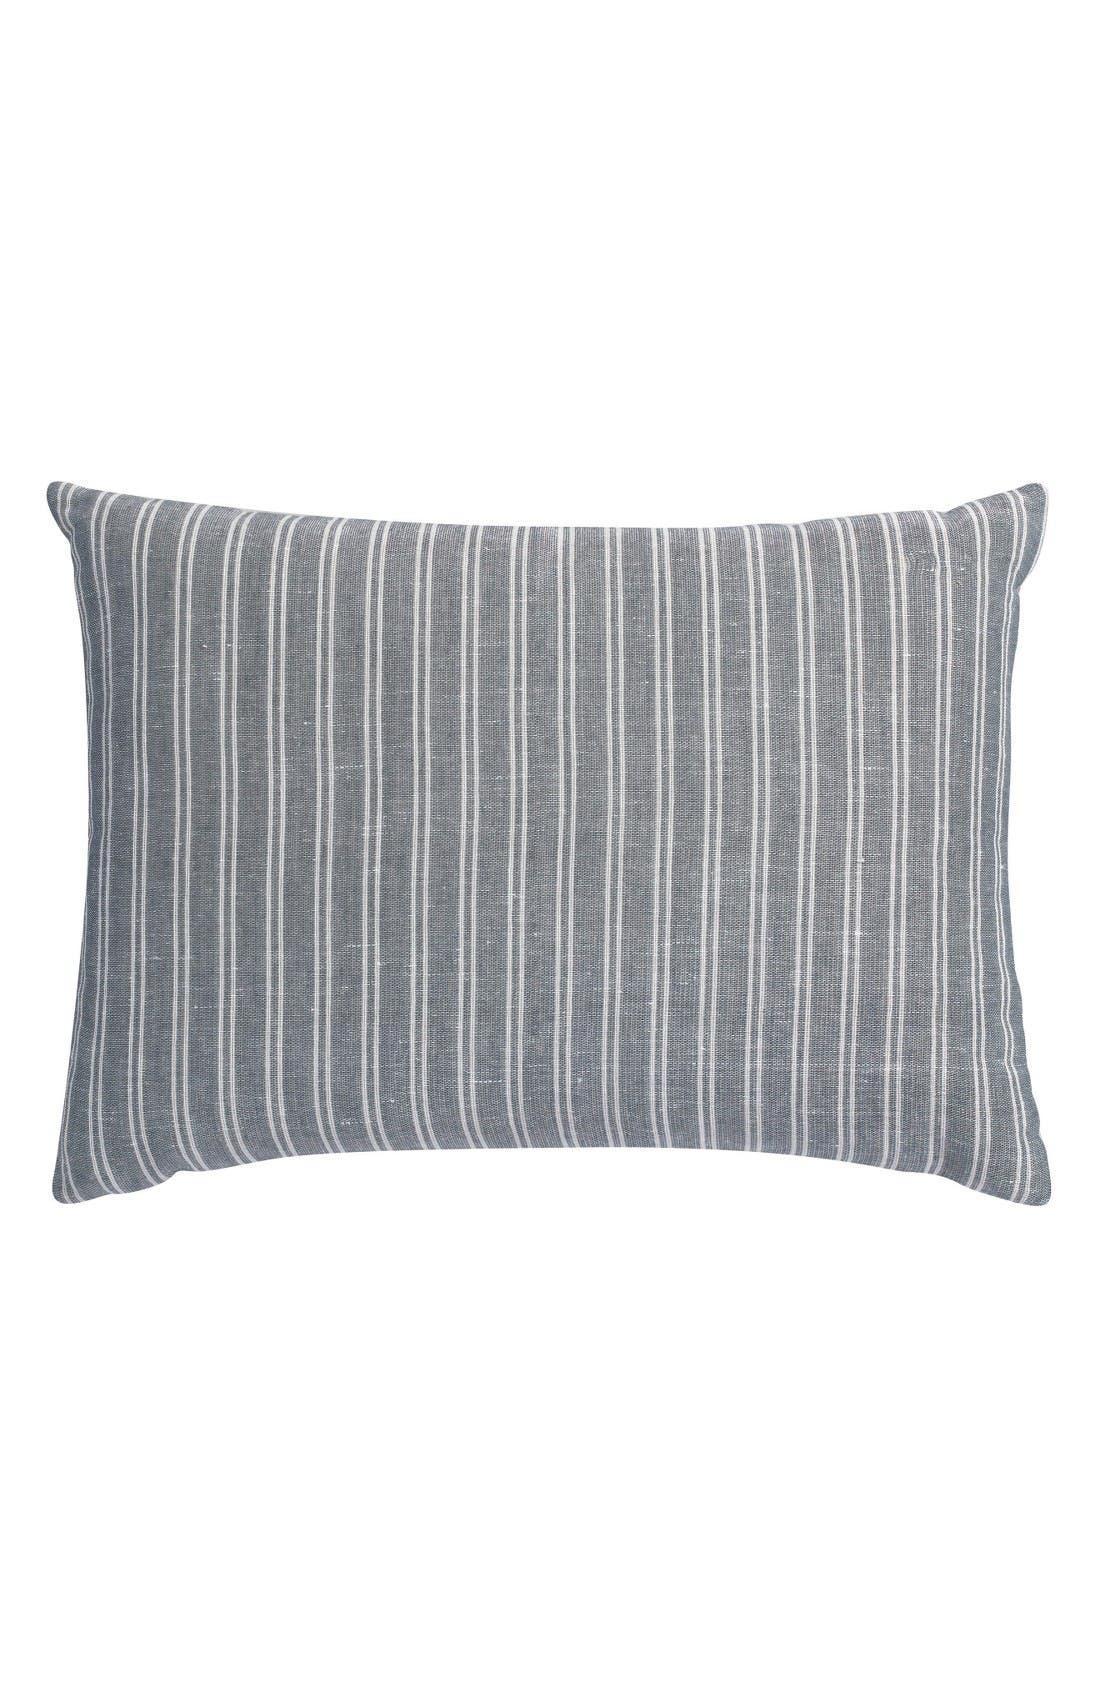 Park Ave Stripe Organic Cotton Accent Pillow,                         Main,                         color, Grey